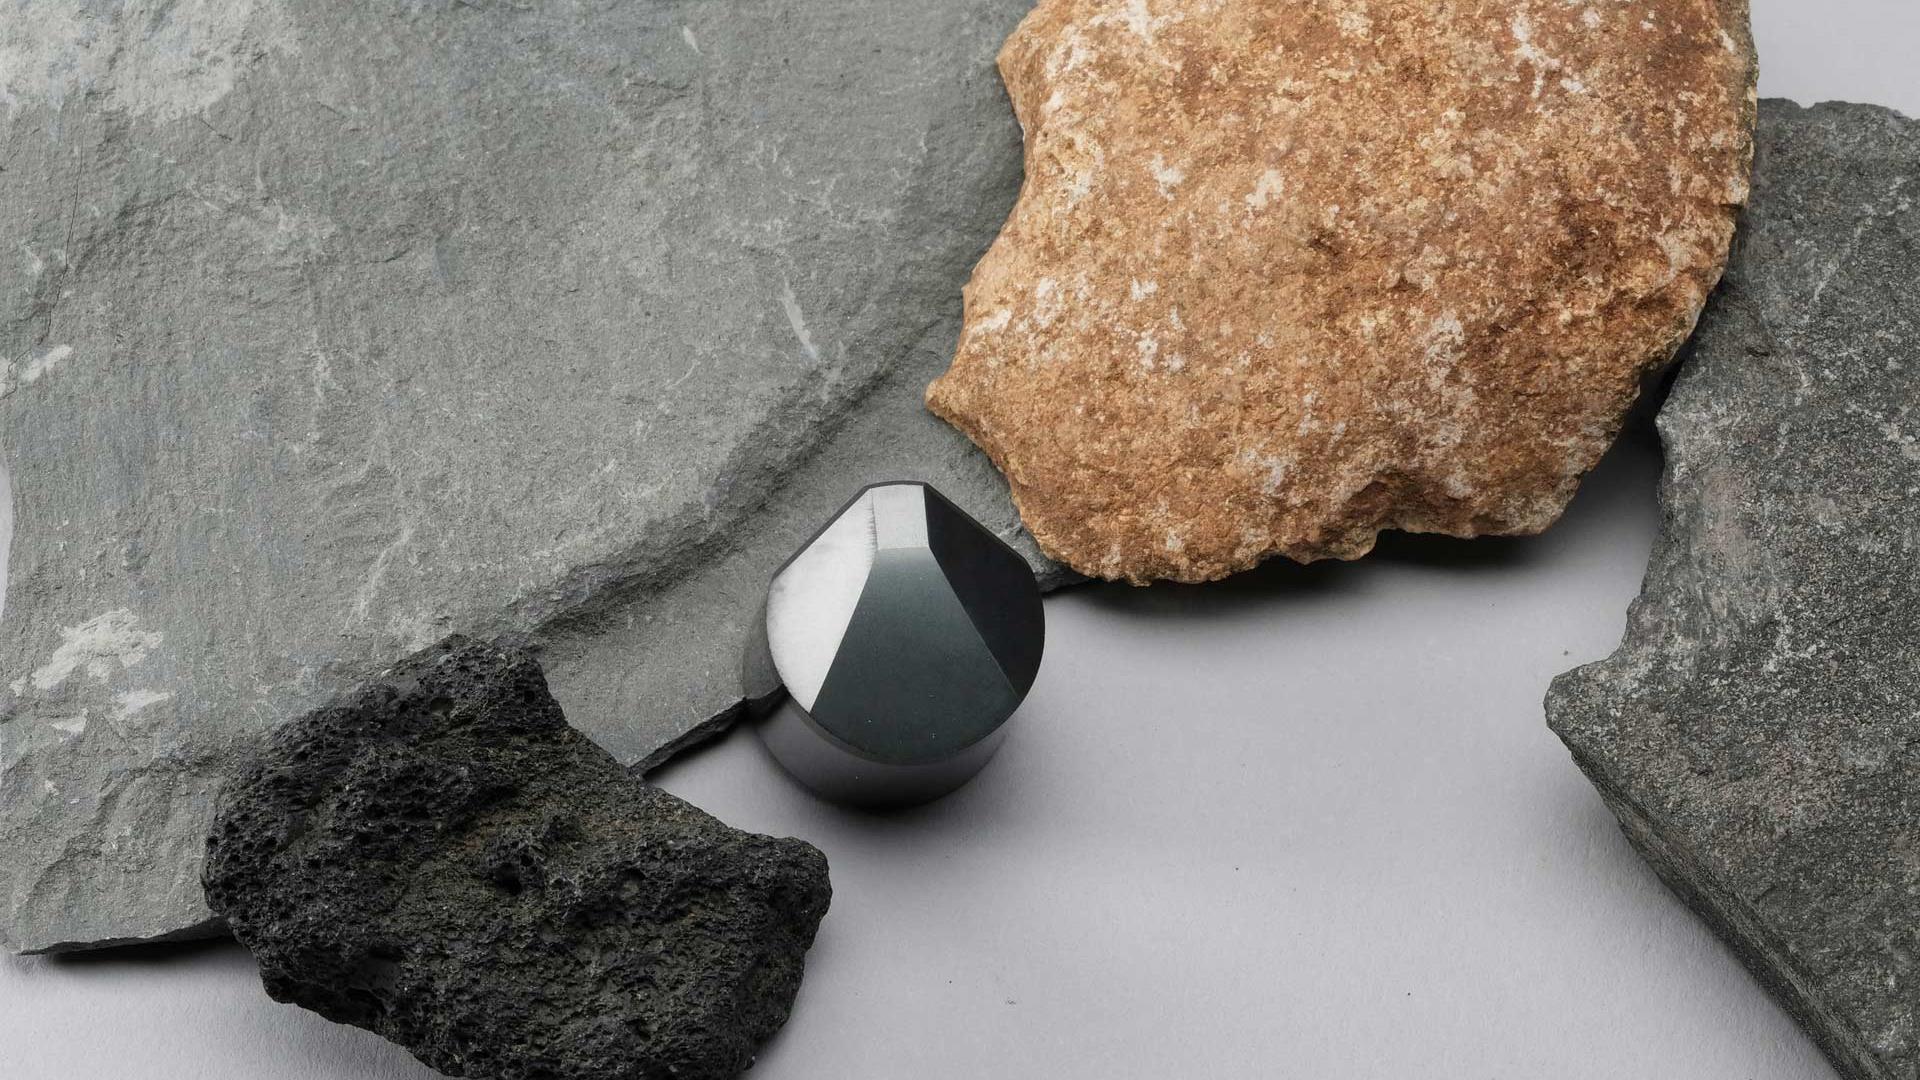 ION 4D Cutter Rocks